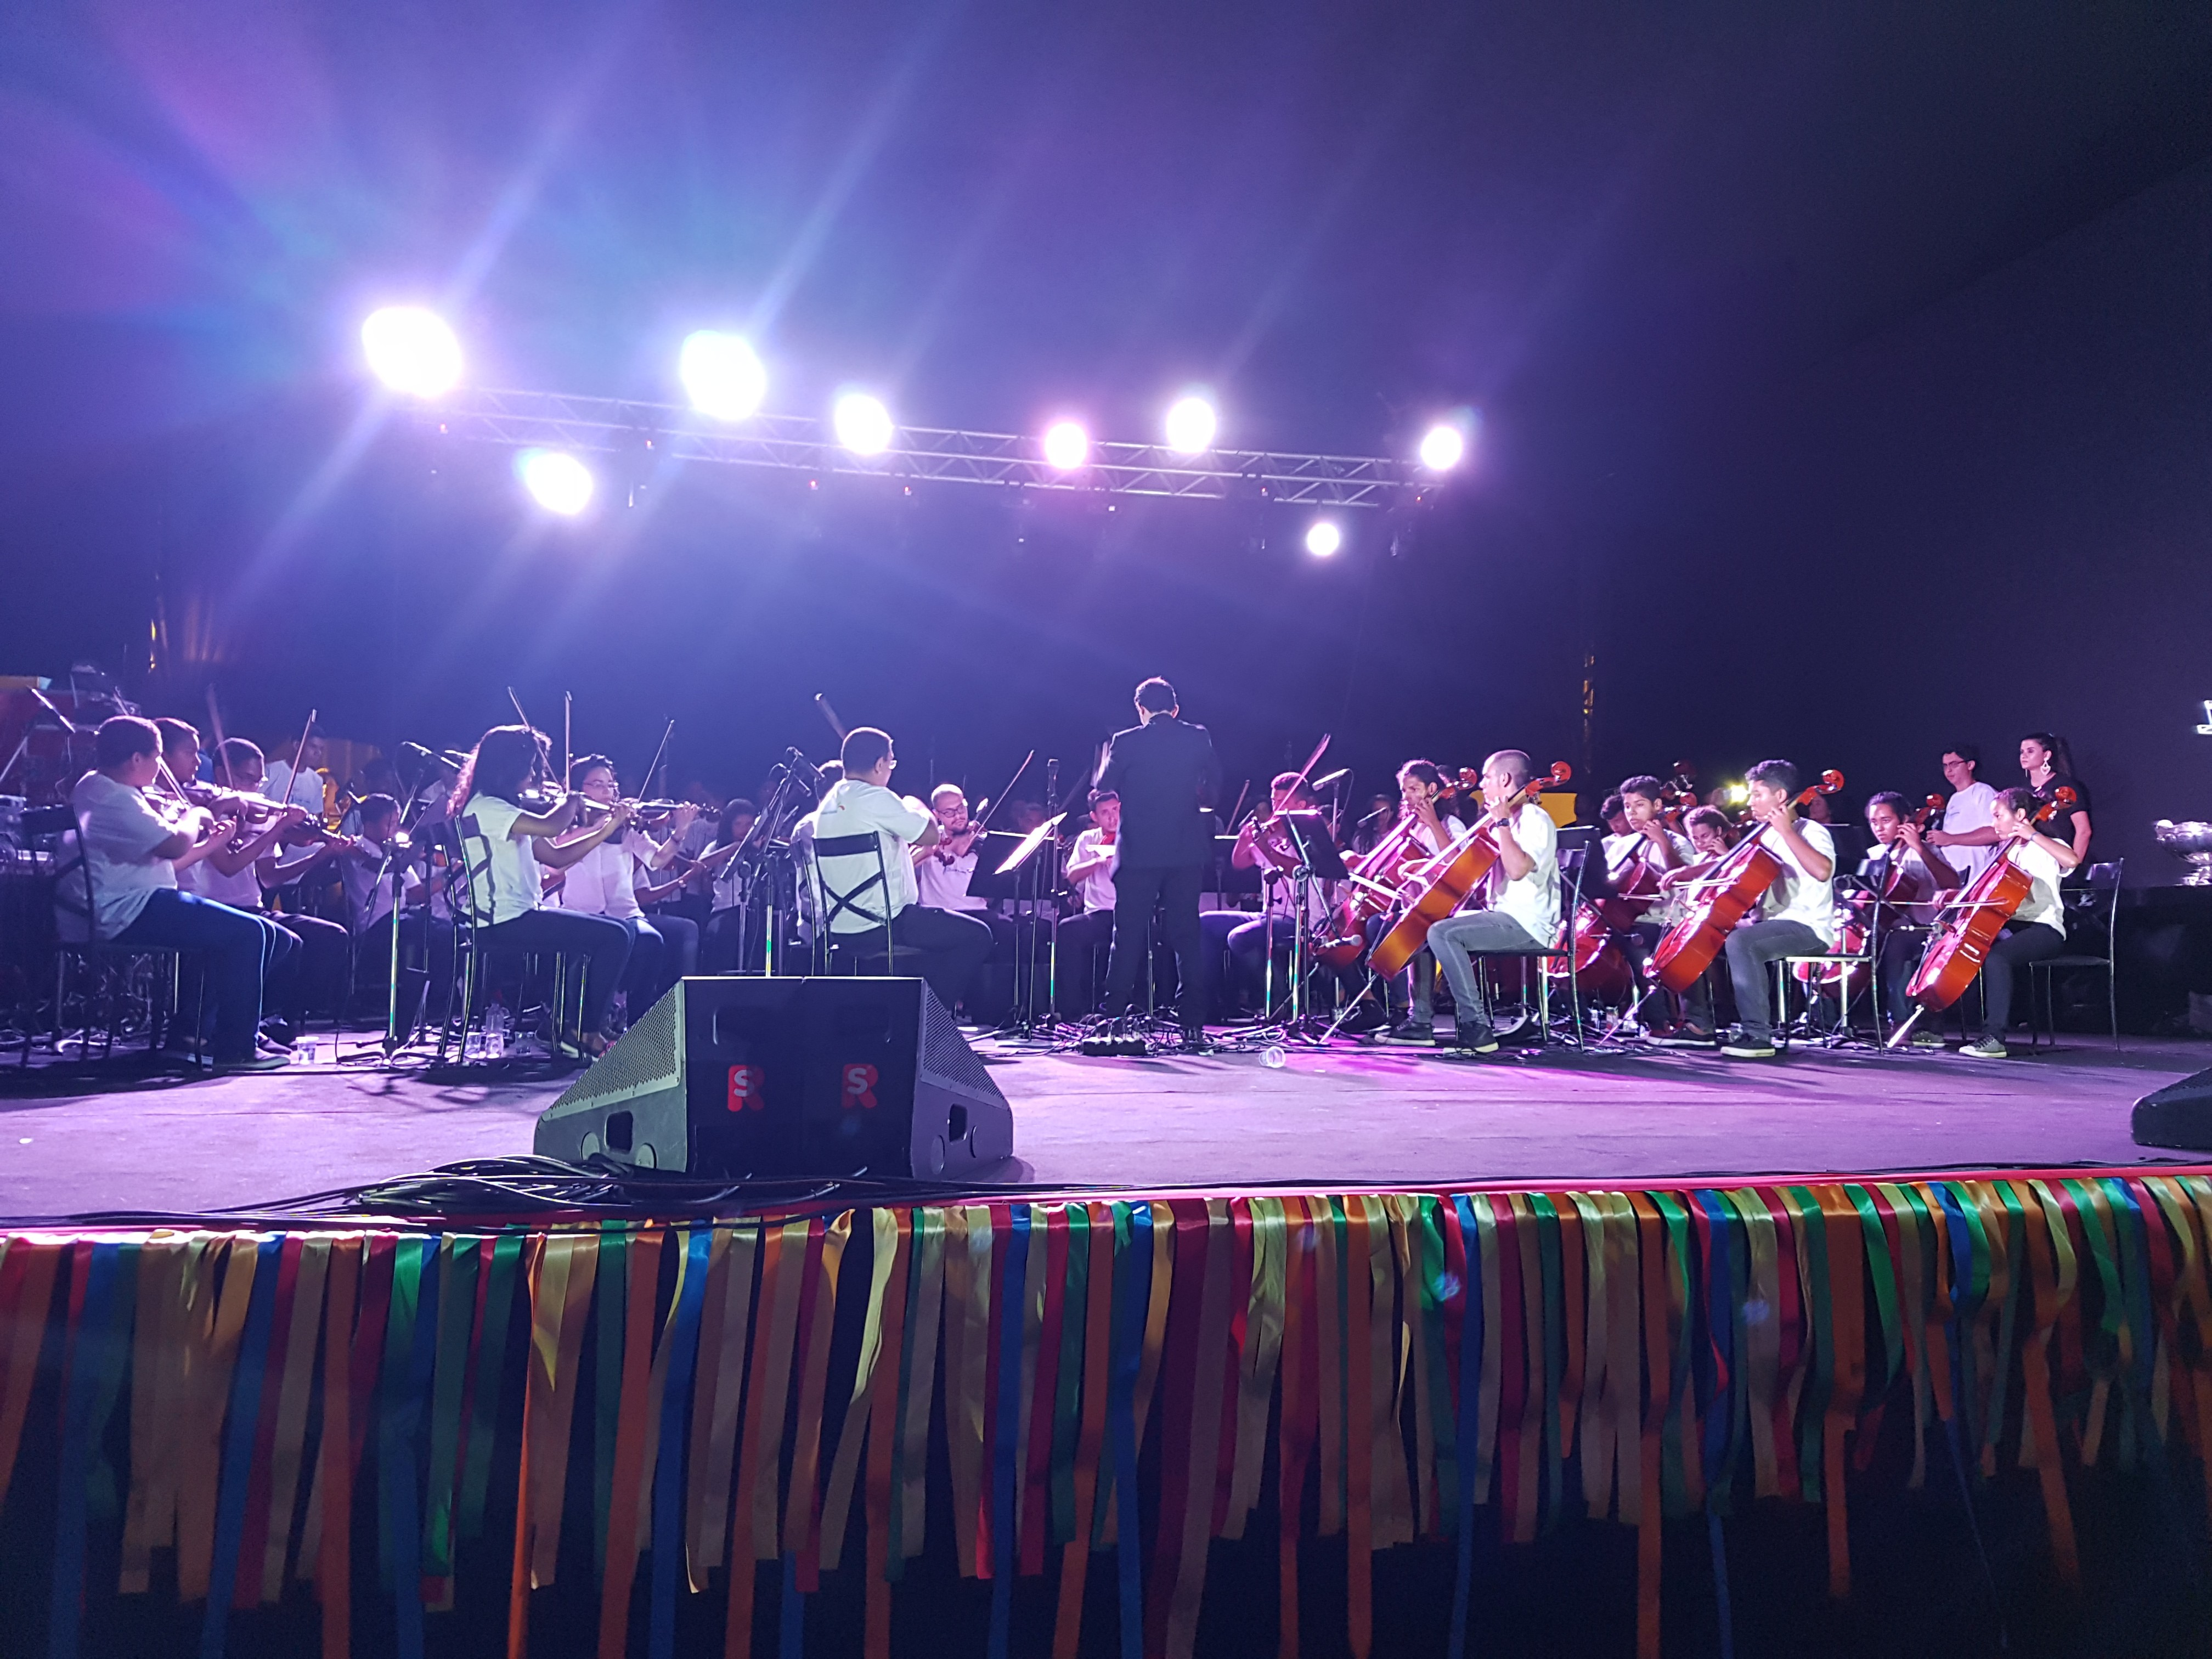 Projeto Orquestra Jovem de Sergipe está com inscrições abertas  - Notícias - Plantão Diário